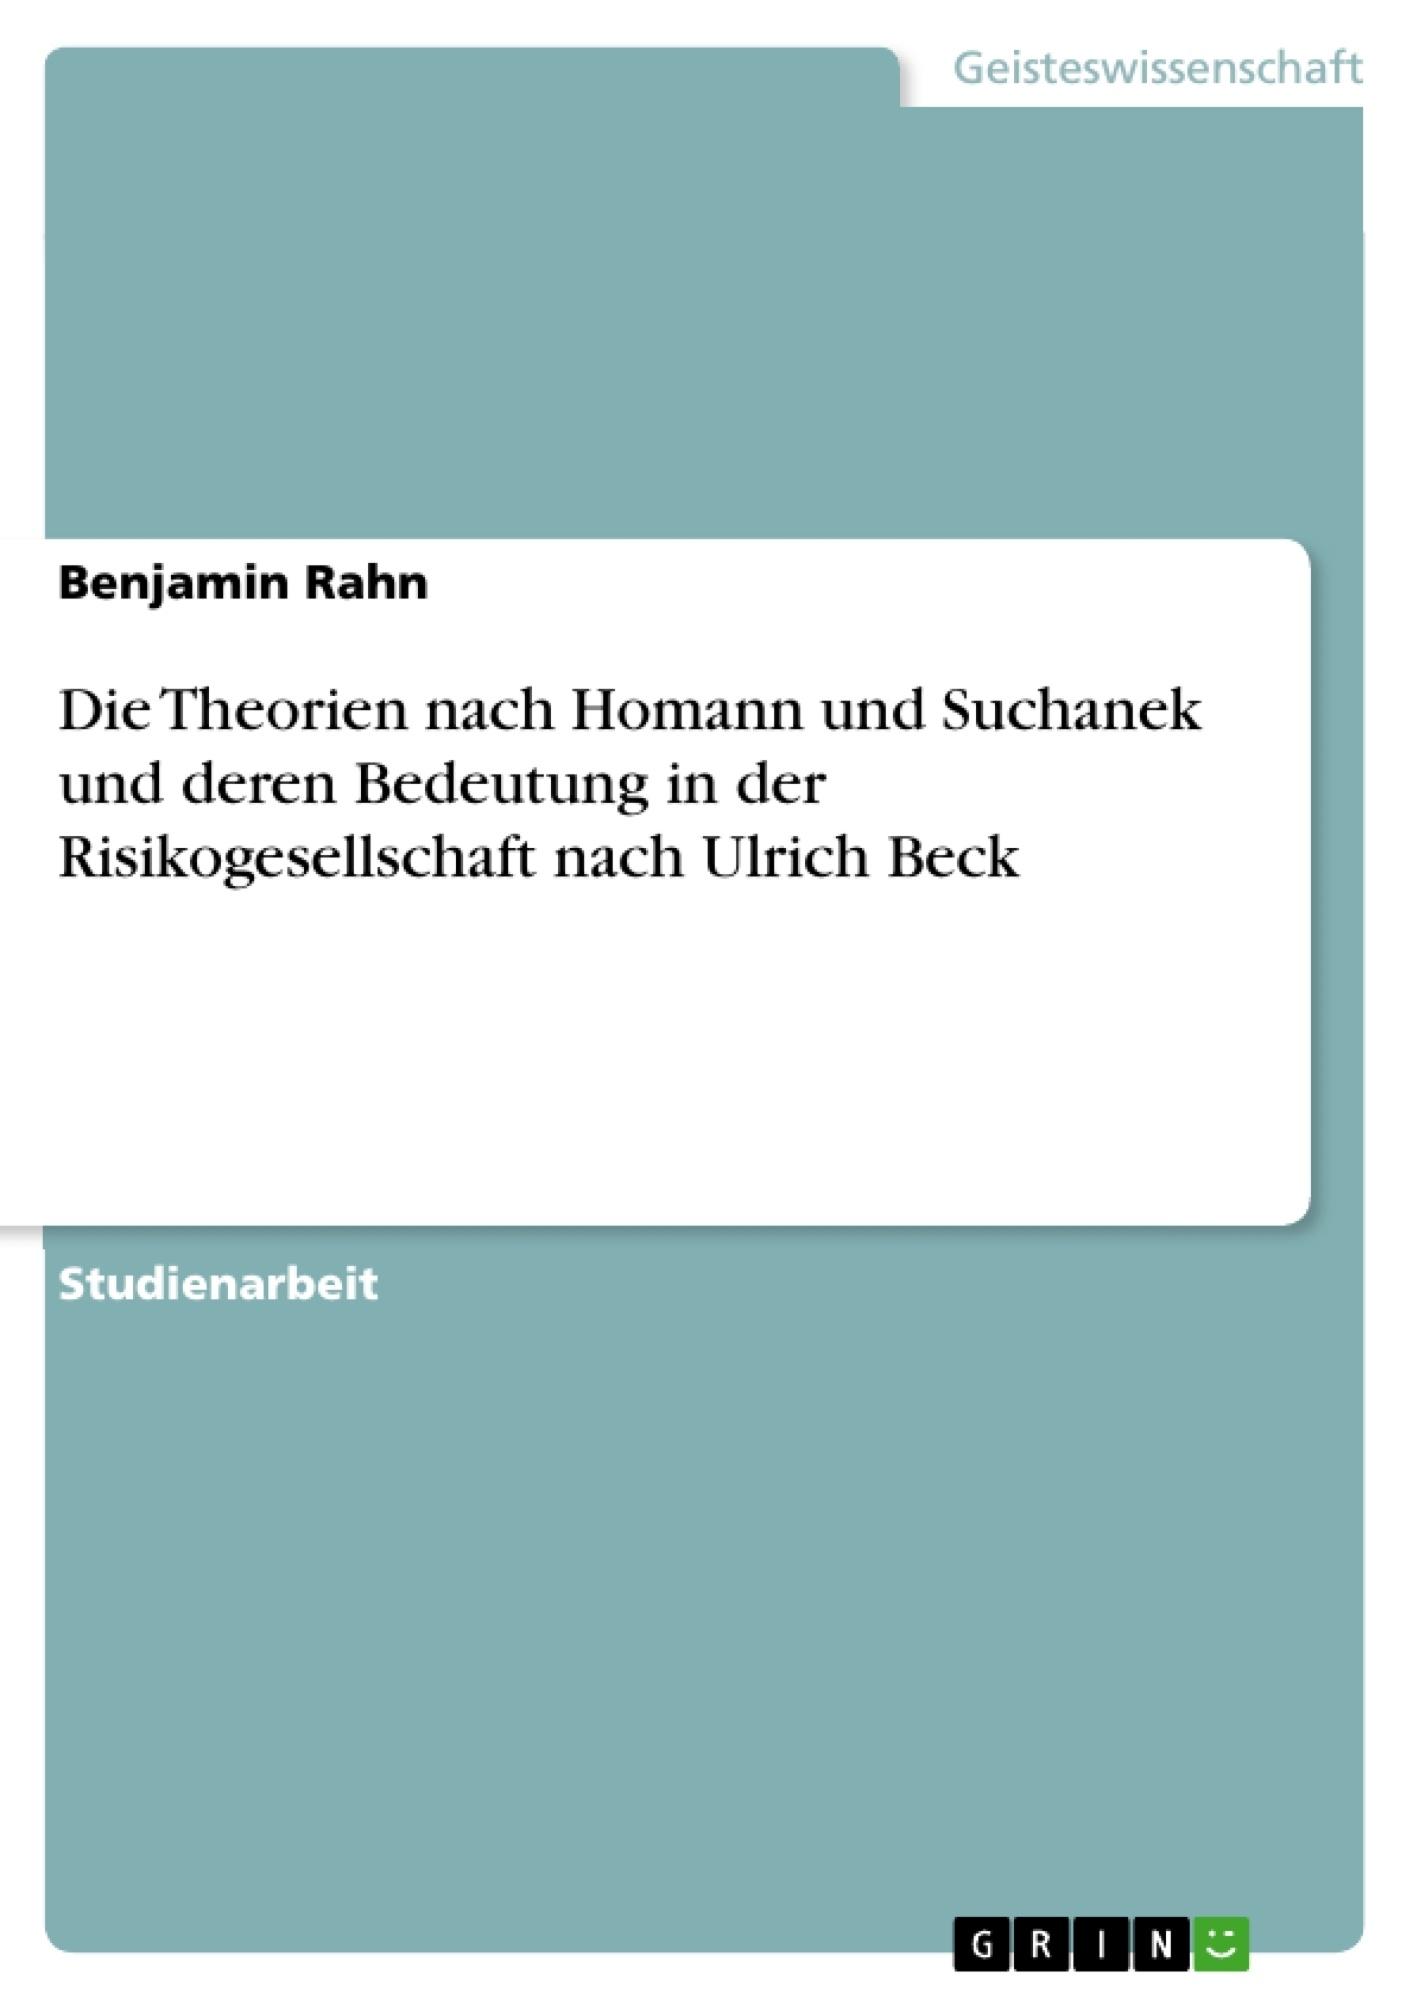 Titel: Die Theorien nach Homann und Suchanek und deren Bedeutung in der Risikogesellschaft nach Ulrich Beck